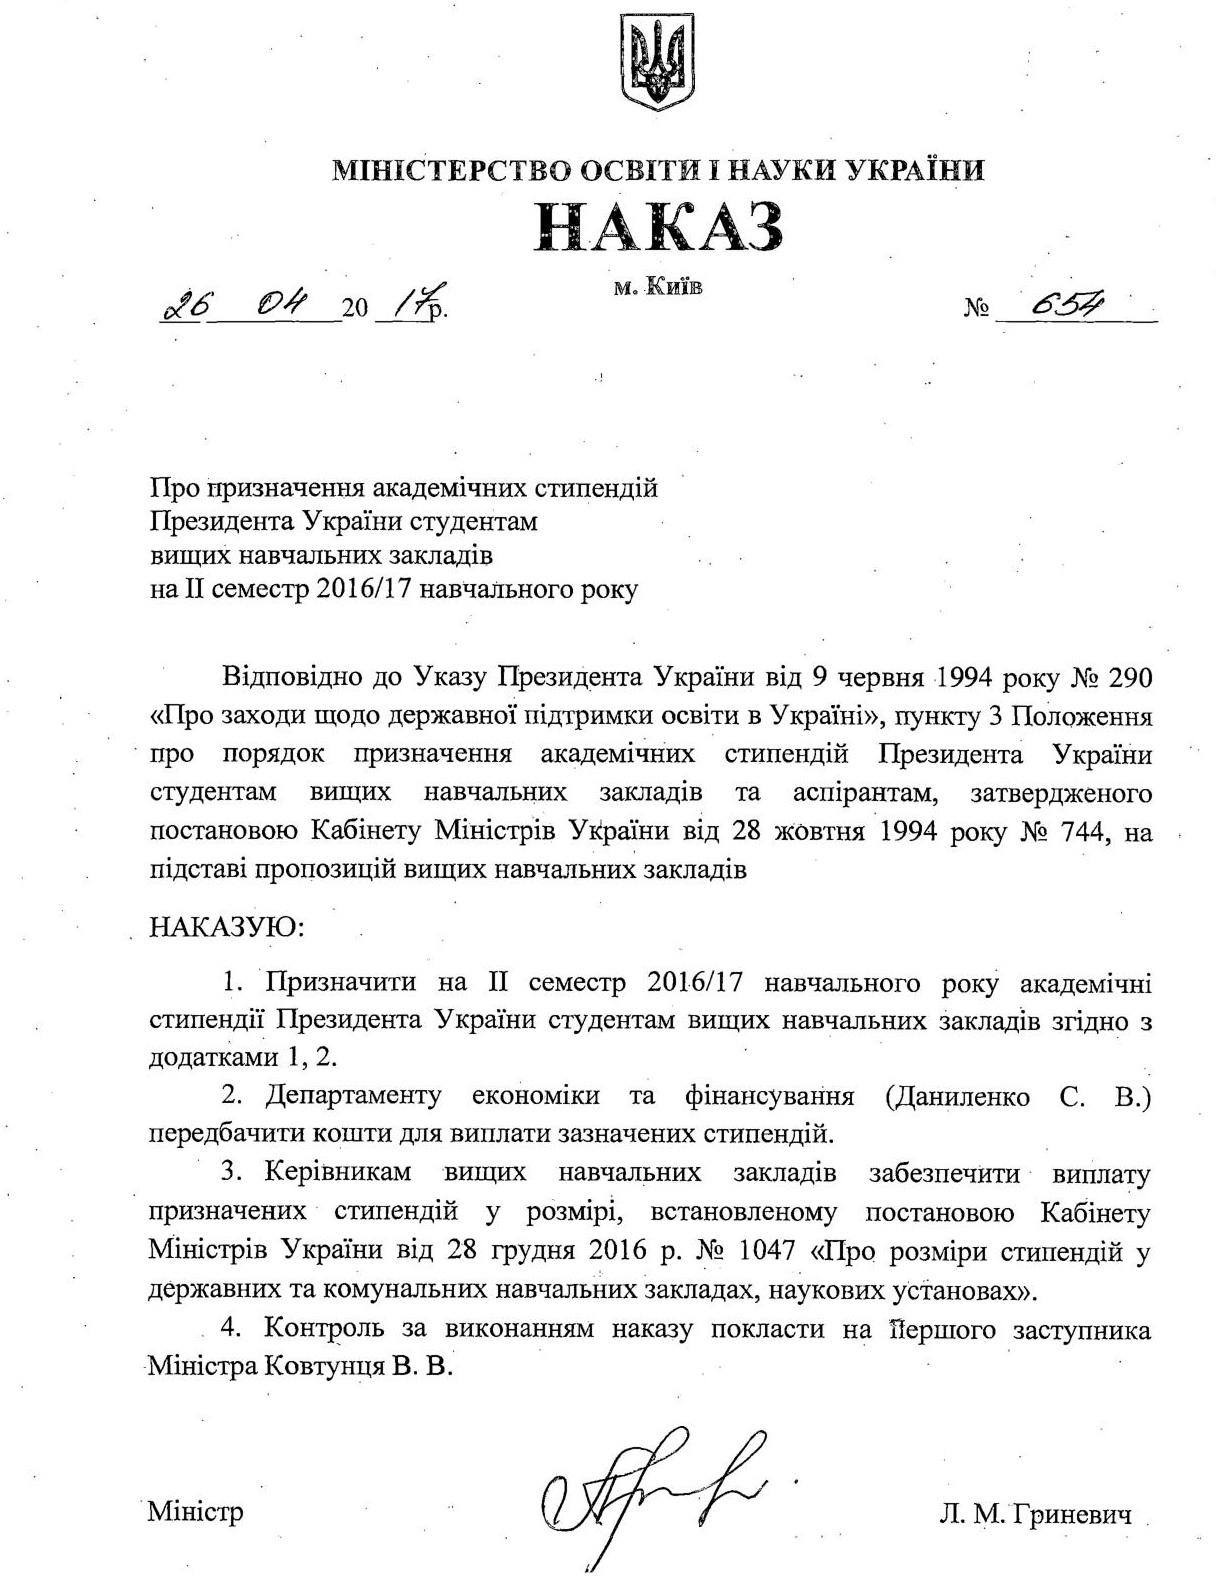 654ukaz akademichni stypendii page 001 - Протягом семестру 15 студентів із Житомирської області отримуватимуть президентські стипендії